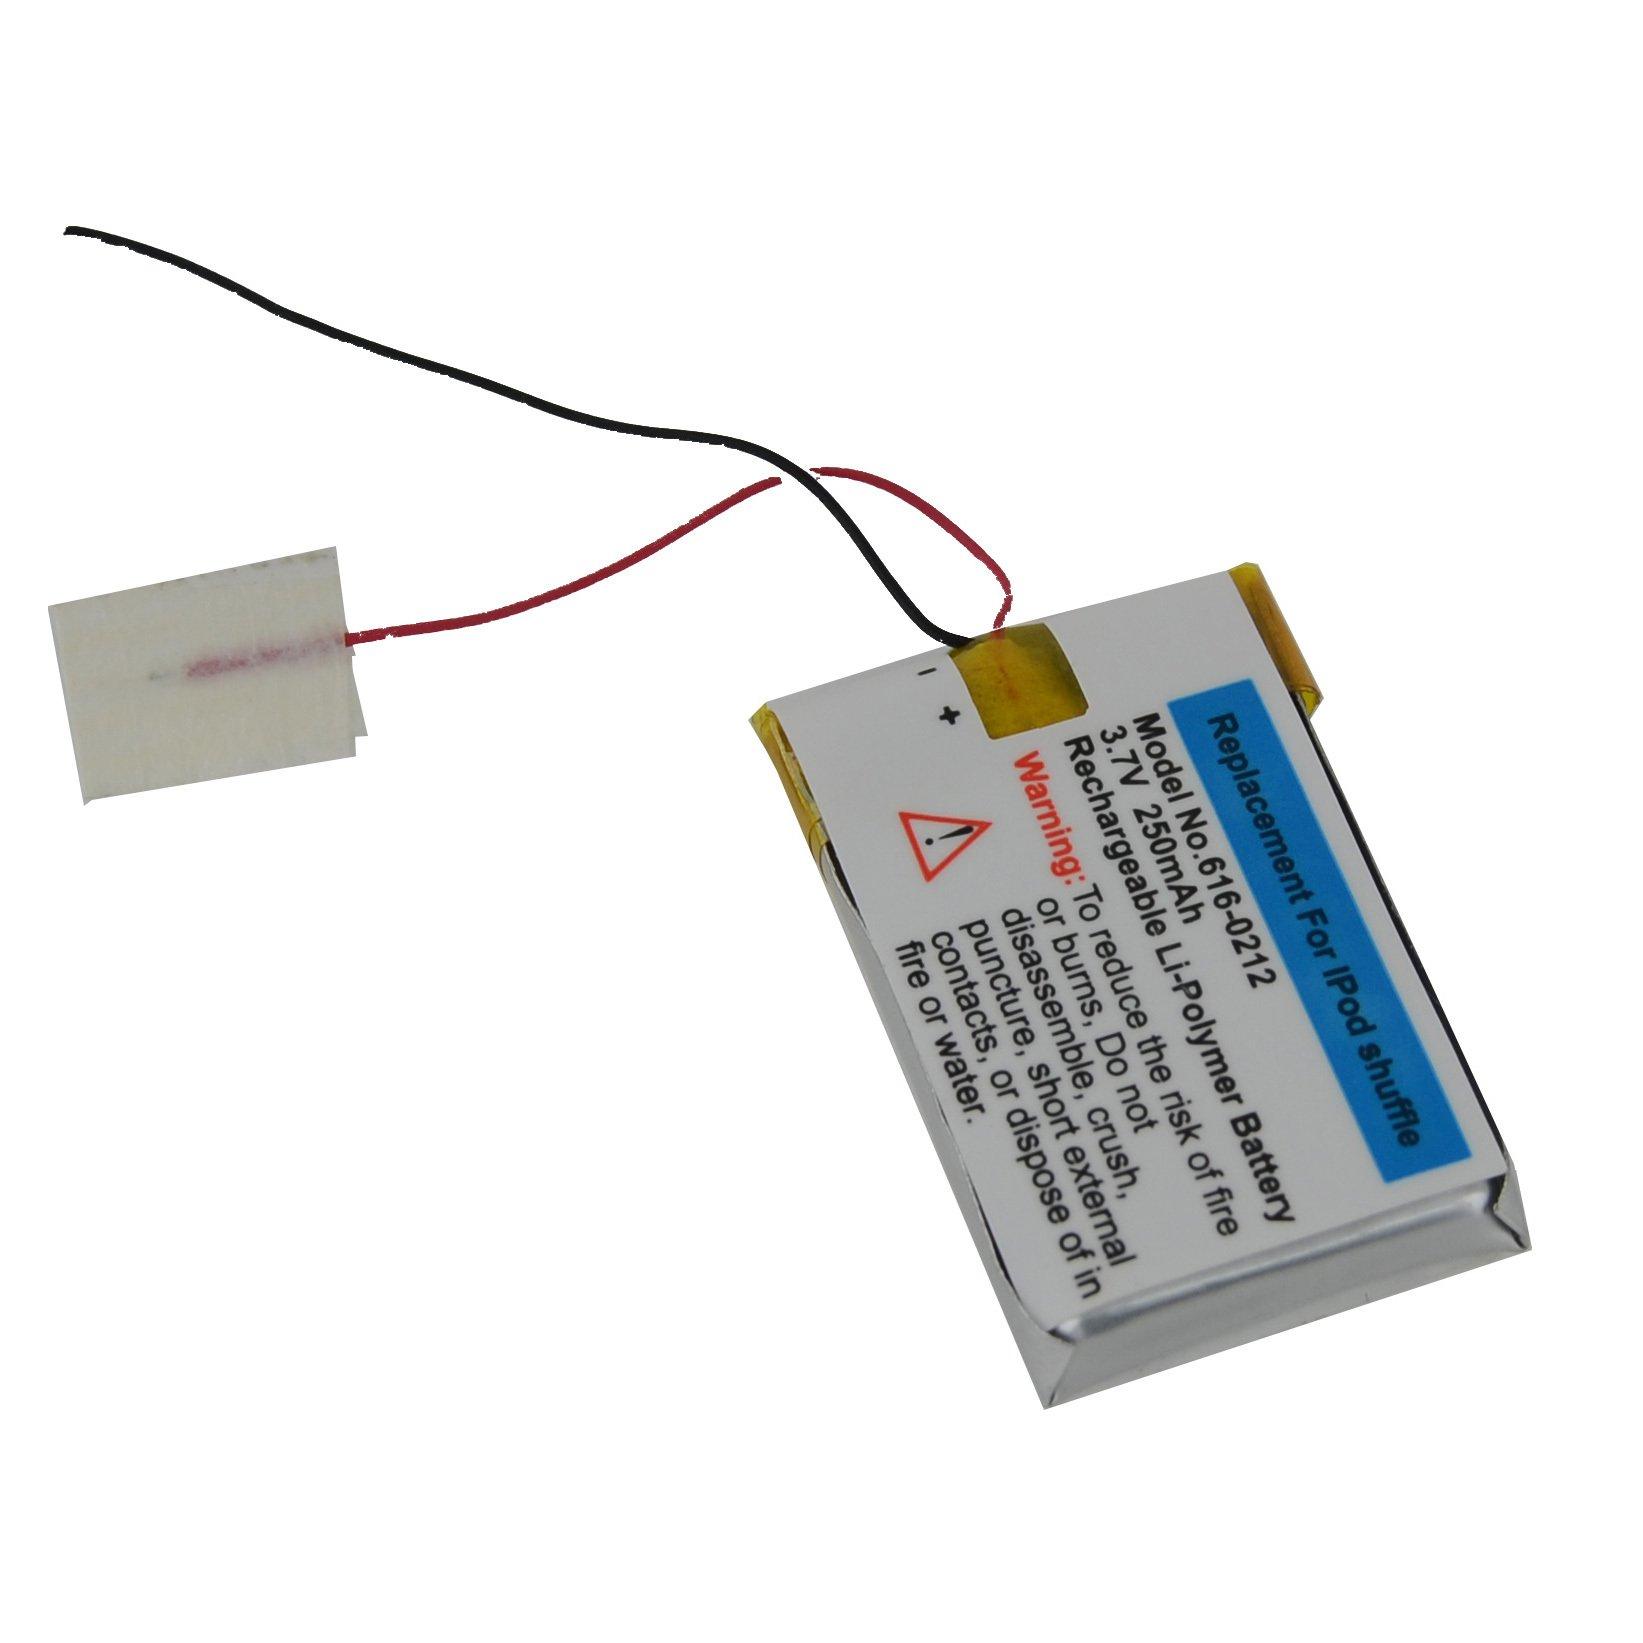 iPod Shuffle Gen 1 Replacement Battery图片